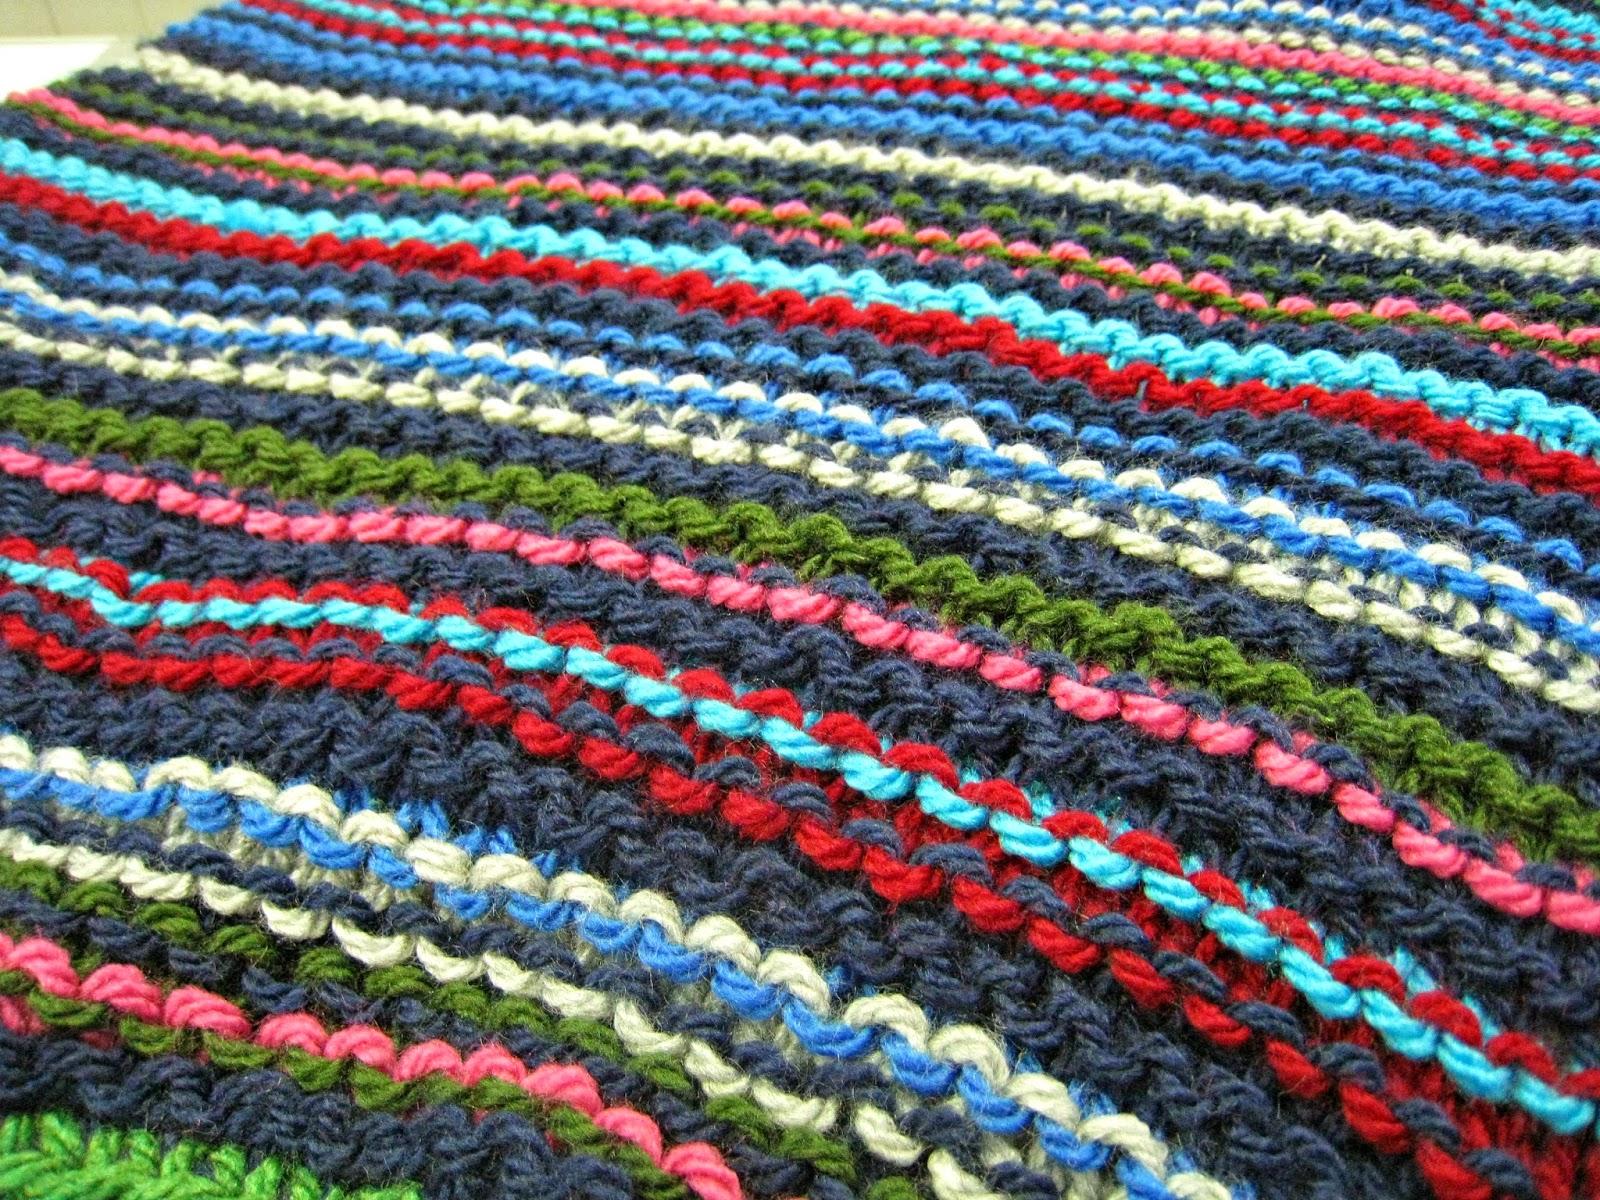 Al sol a mano mantas al sol iii for Mantas de lana hechas a mano